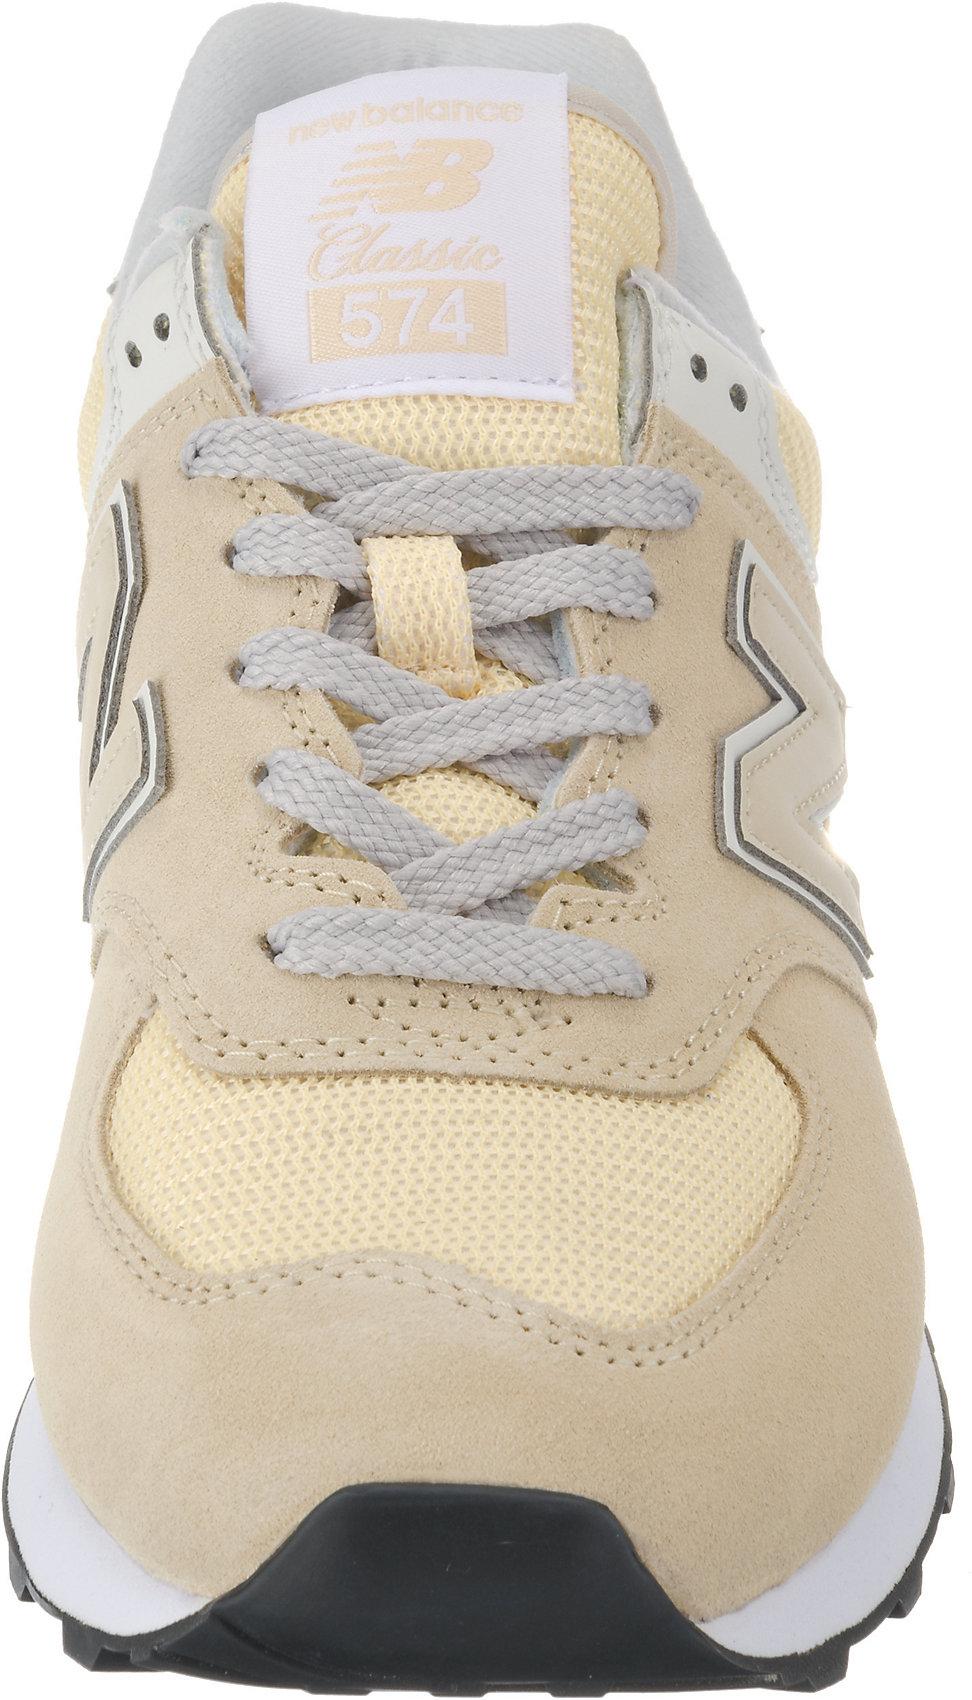 Balance 8796841 Wl574 Details New Sneakers Damen Beige Low Für Neu Zu kXlTOwPiZu